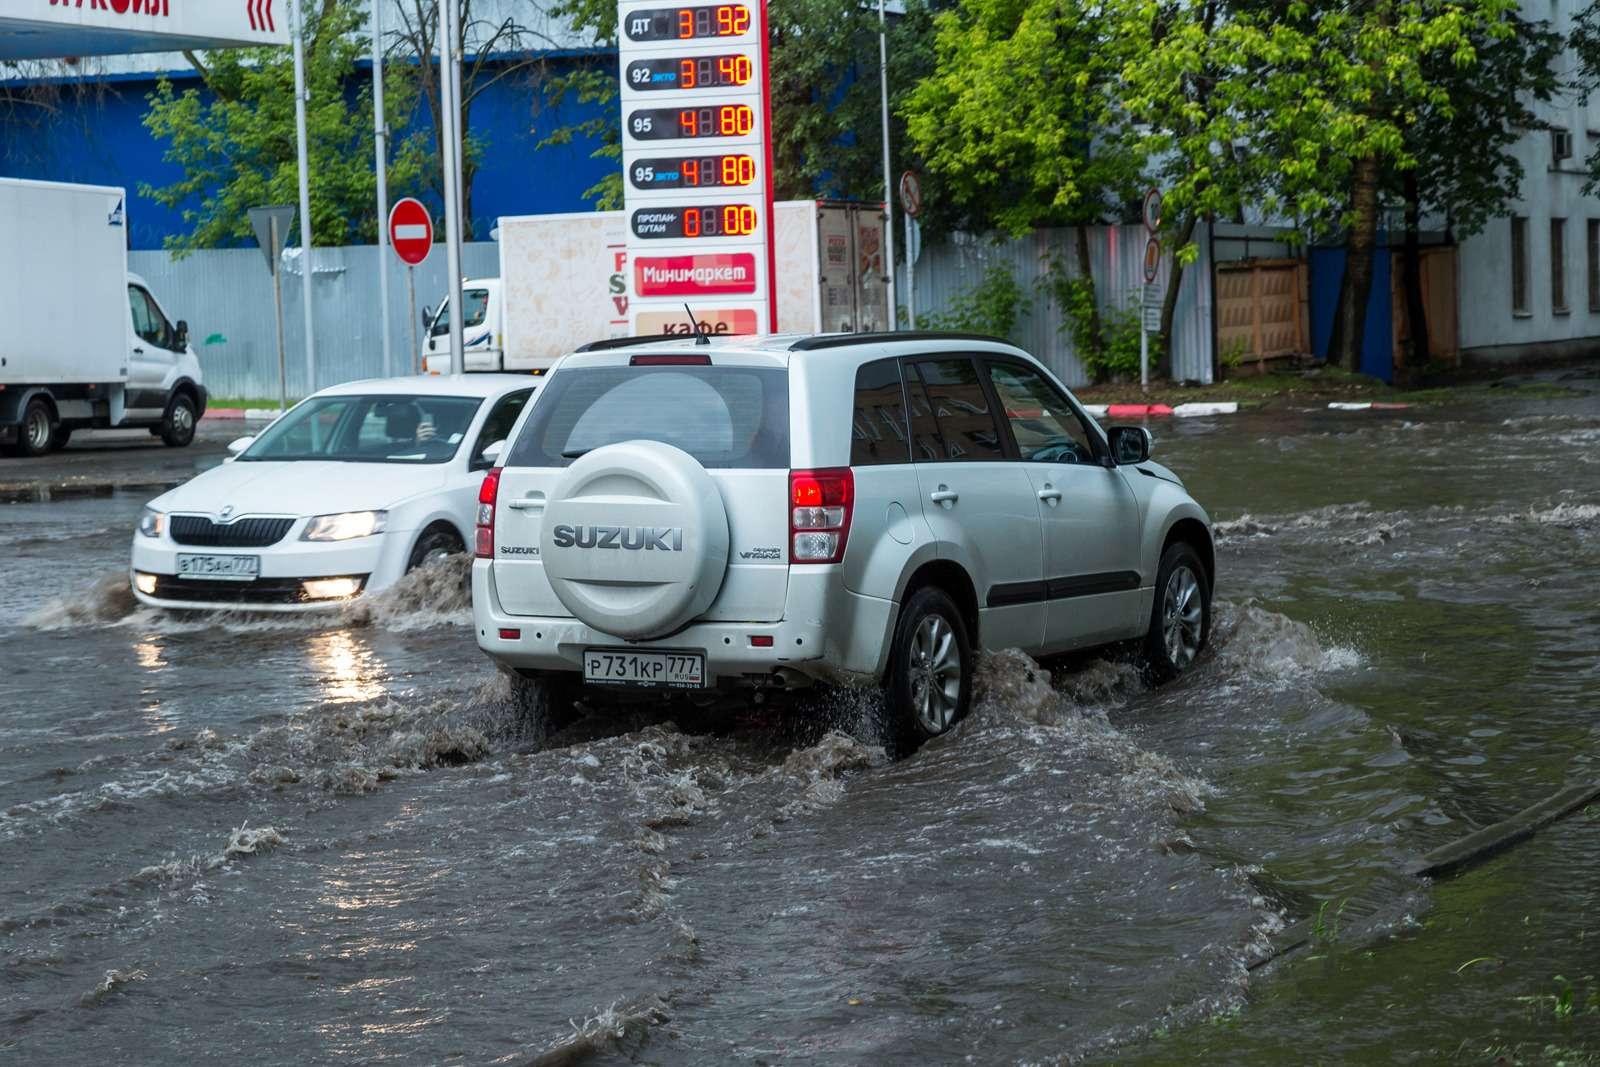 Москву залили дожди, машины поплыли. Фоторепортаж ЗР— фото 770697